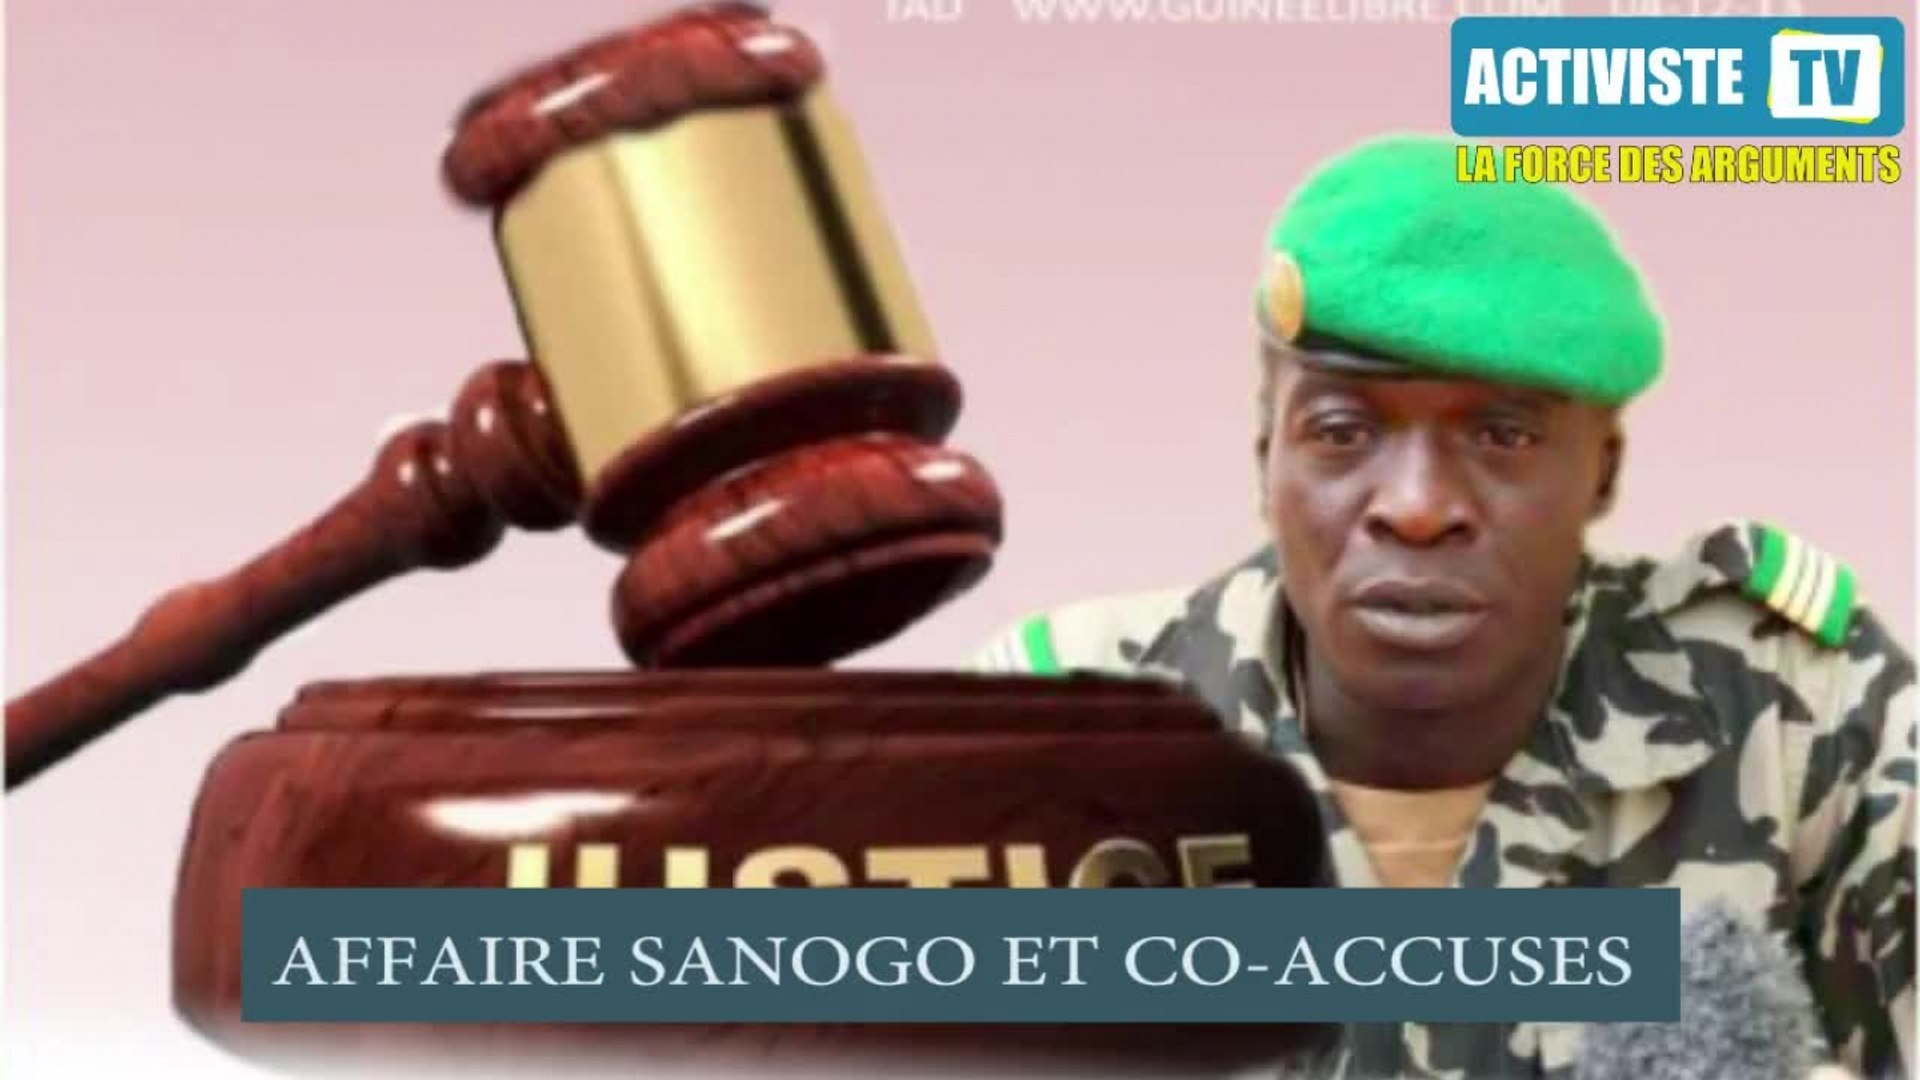 Activiste TV - Affaire Sanogo et proches - jugement ou liberté